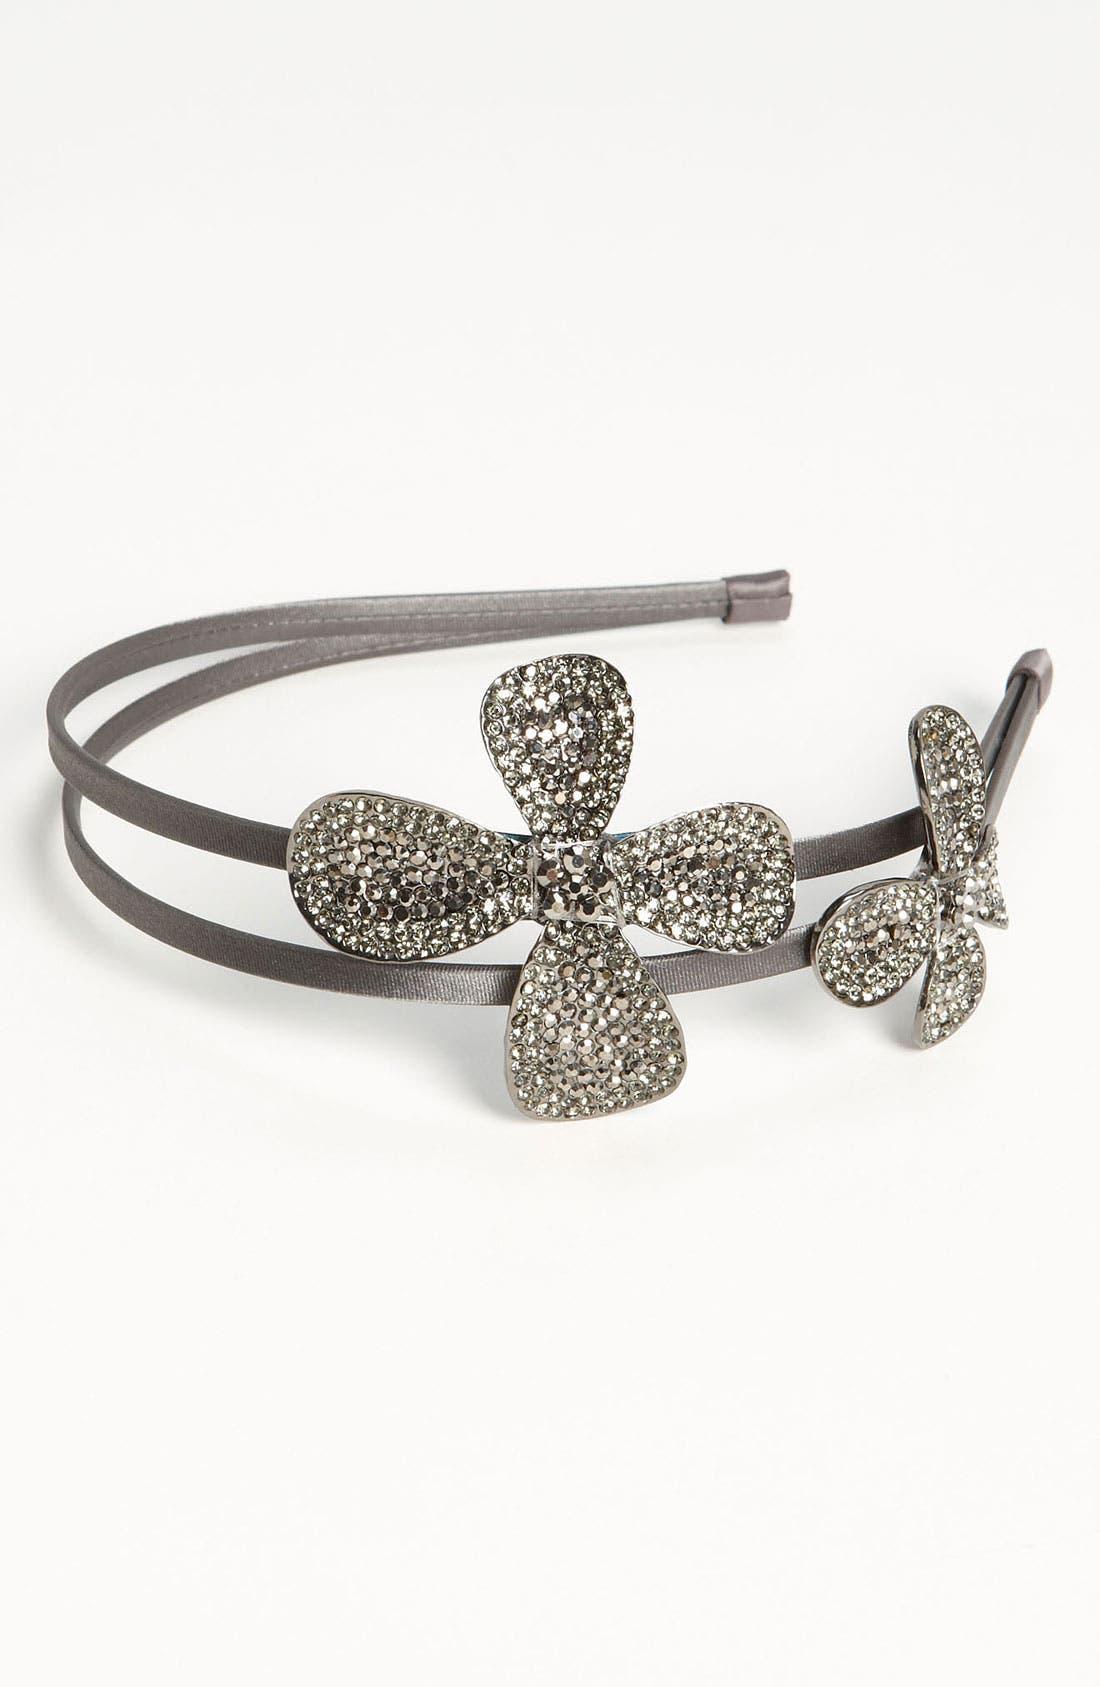 Main Image - Tasha 'Fierce Flower' Headband